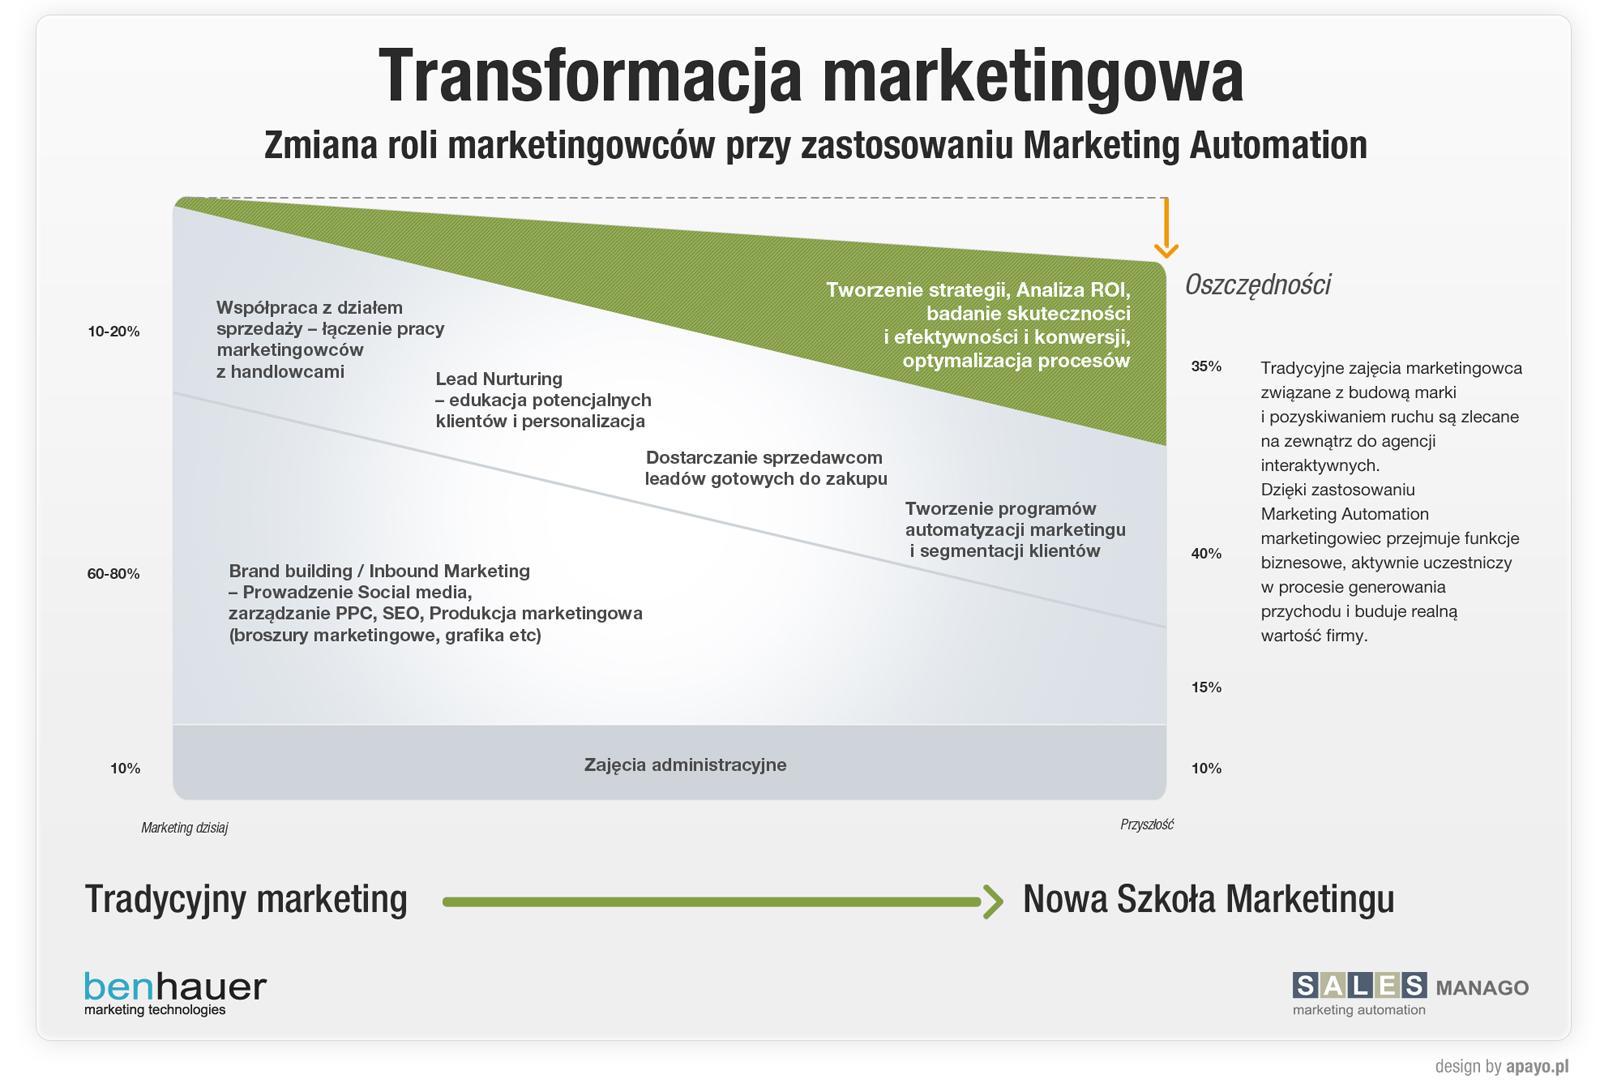 Transformacja marketingowa